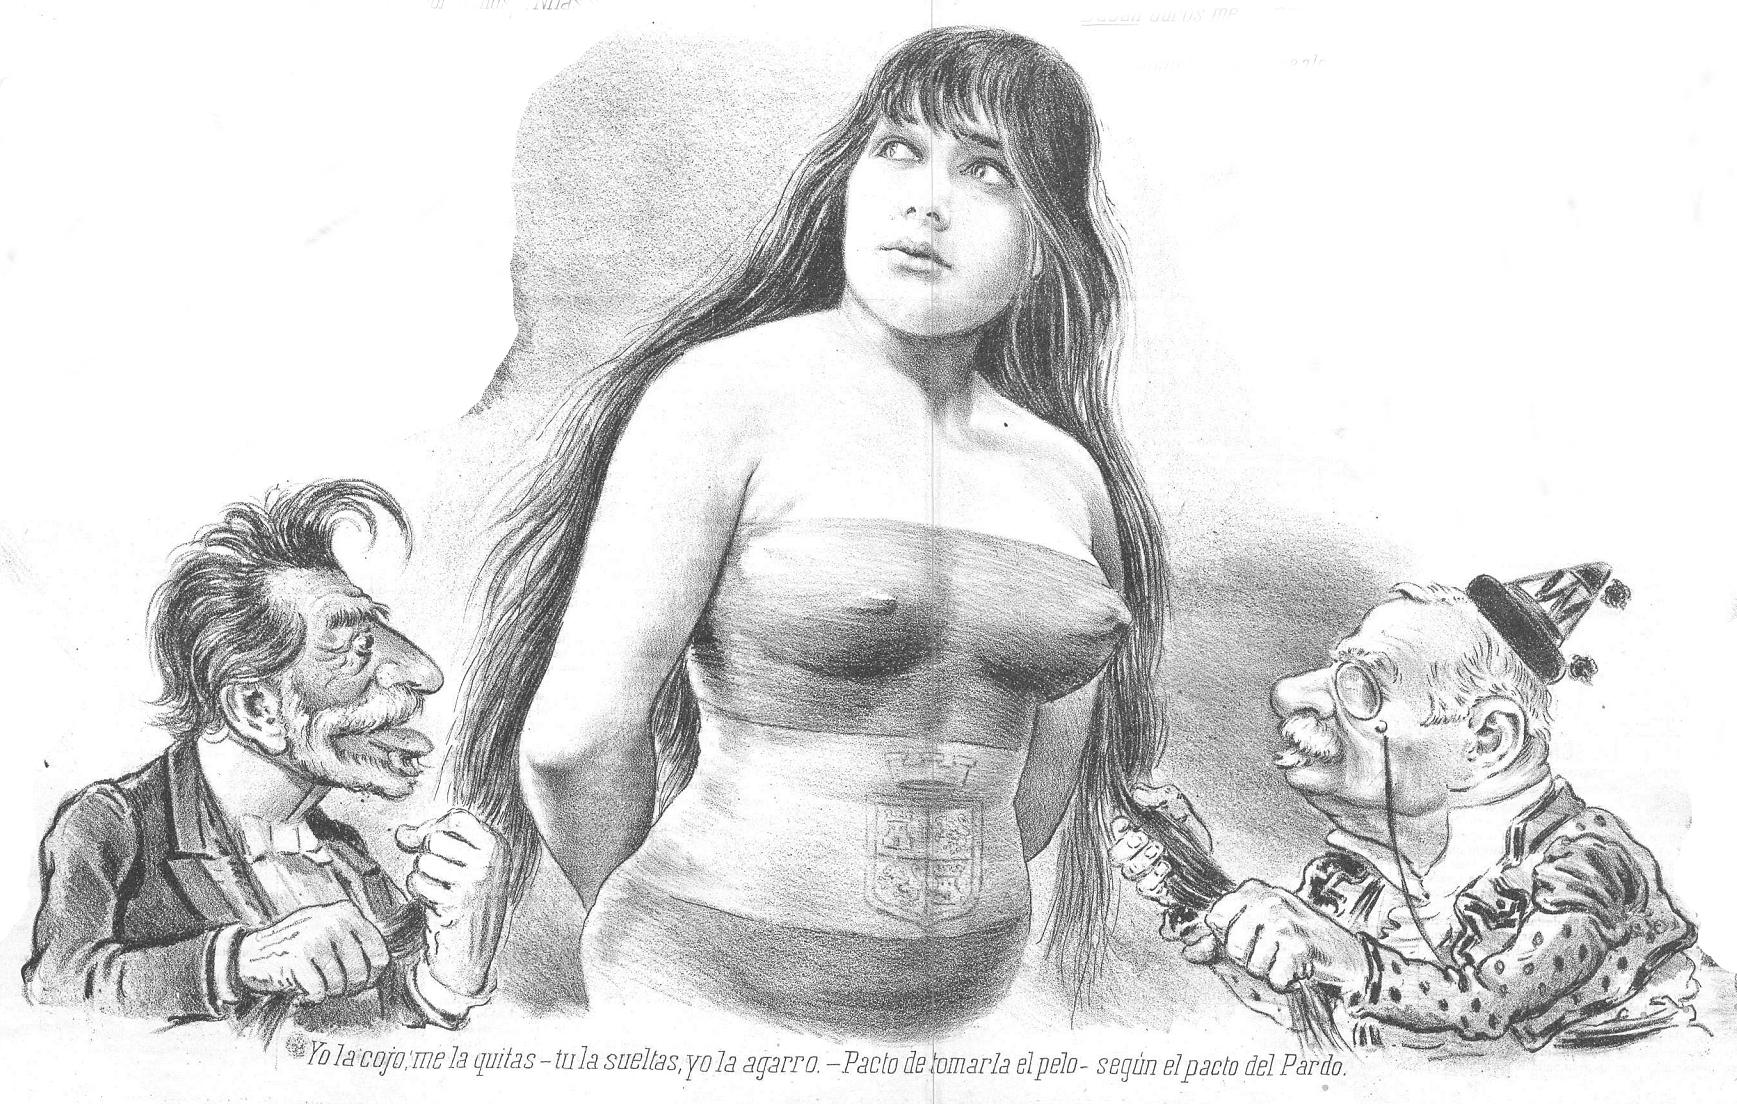 Caricatura de Sagasta y Cánovas